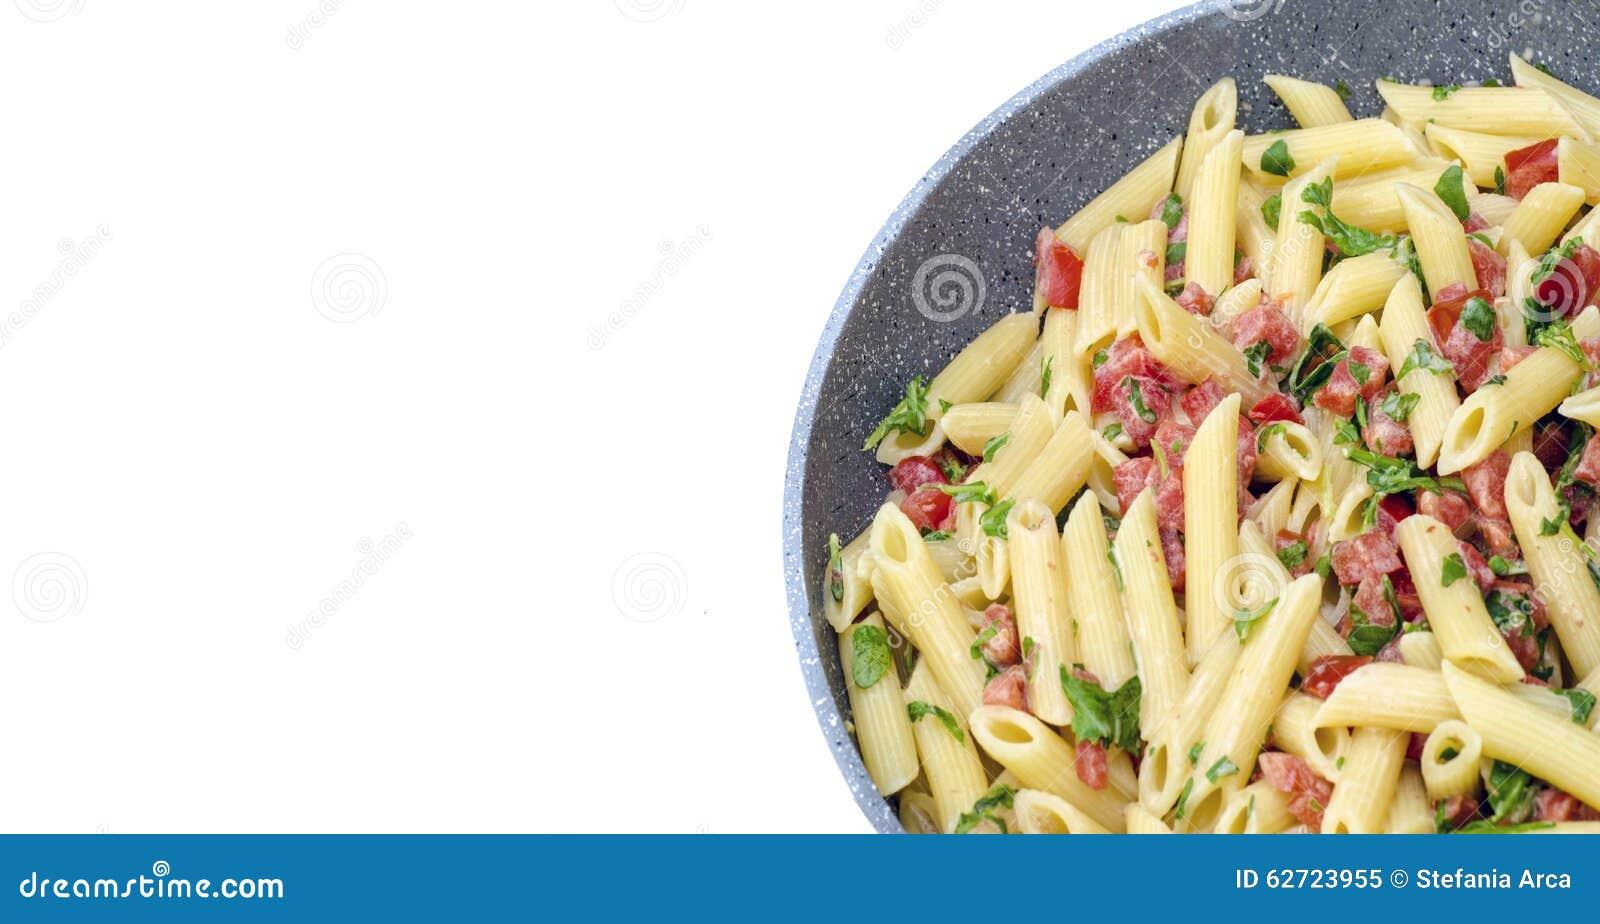 Ιταλικά τρόφιμα: Αποκαλούμενο ζυμαρικά mezze pennette με τις ντομάτες στα κομμάτια